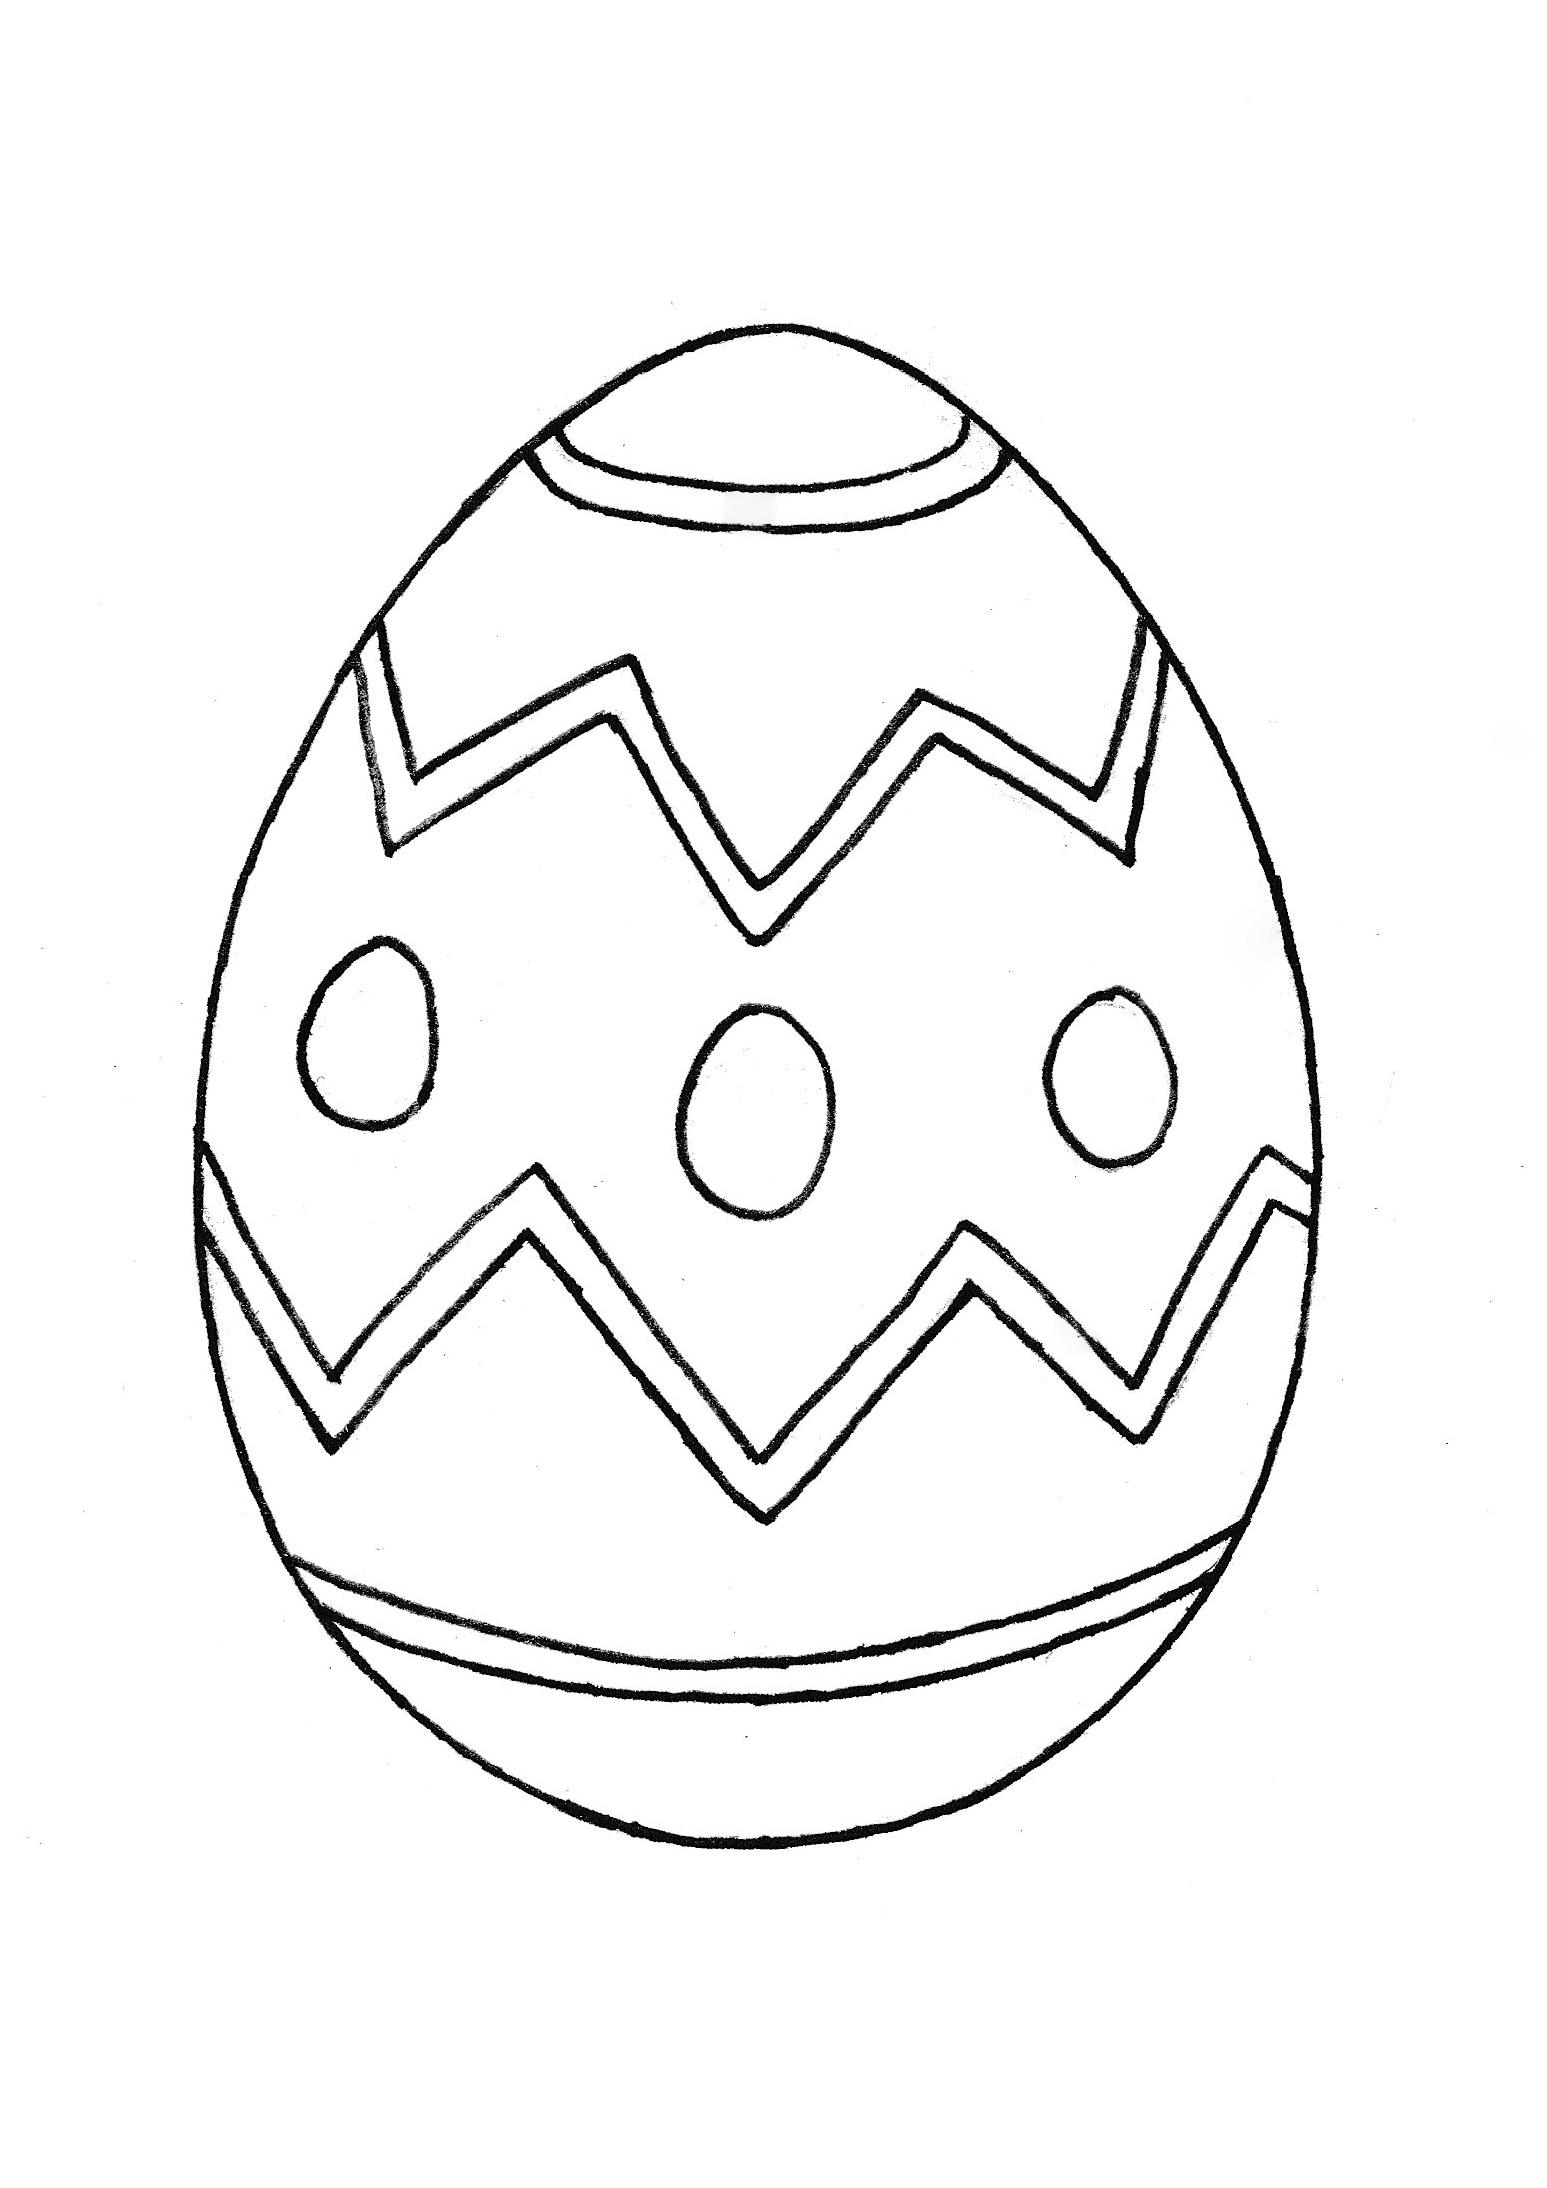 Easter Art Projects for Kids | Ken Bromley Art Supplies